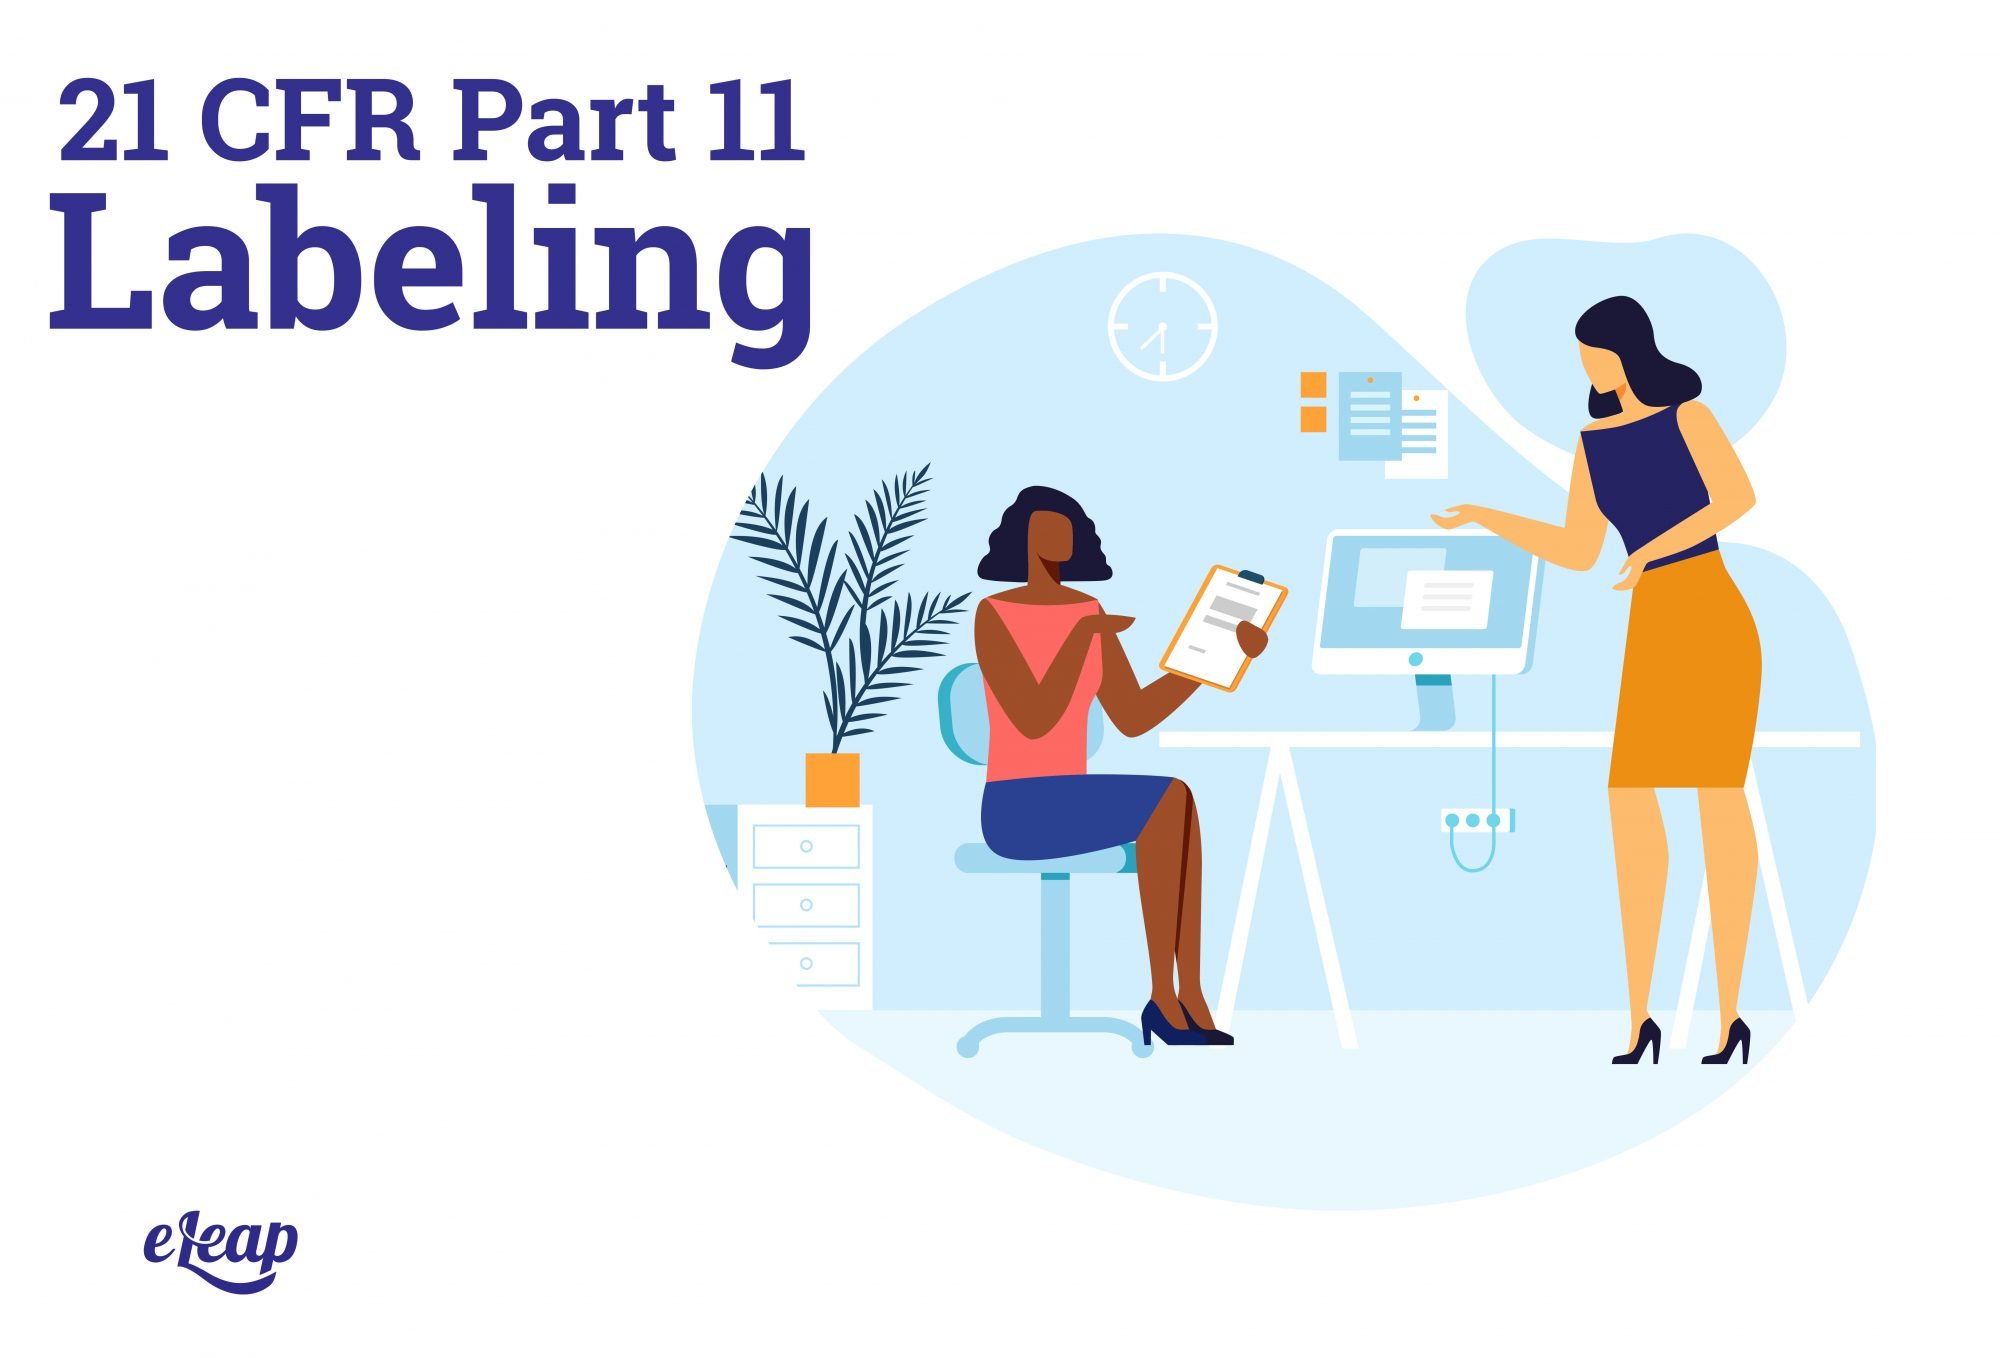 21 CFR Part 11 Labeling